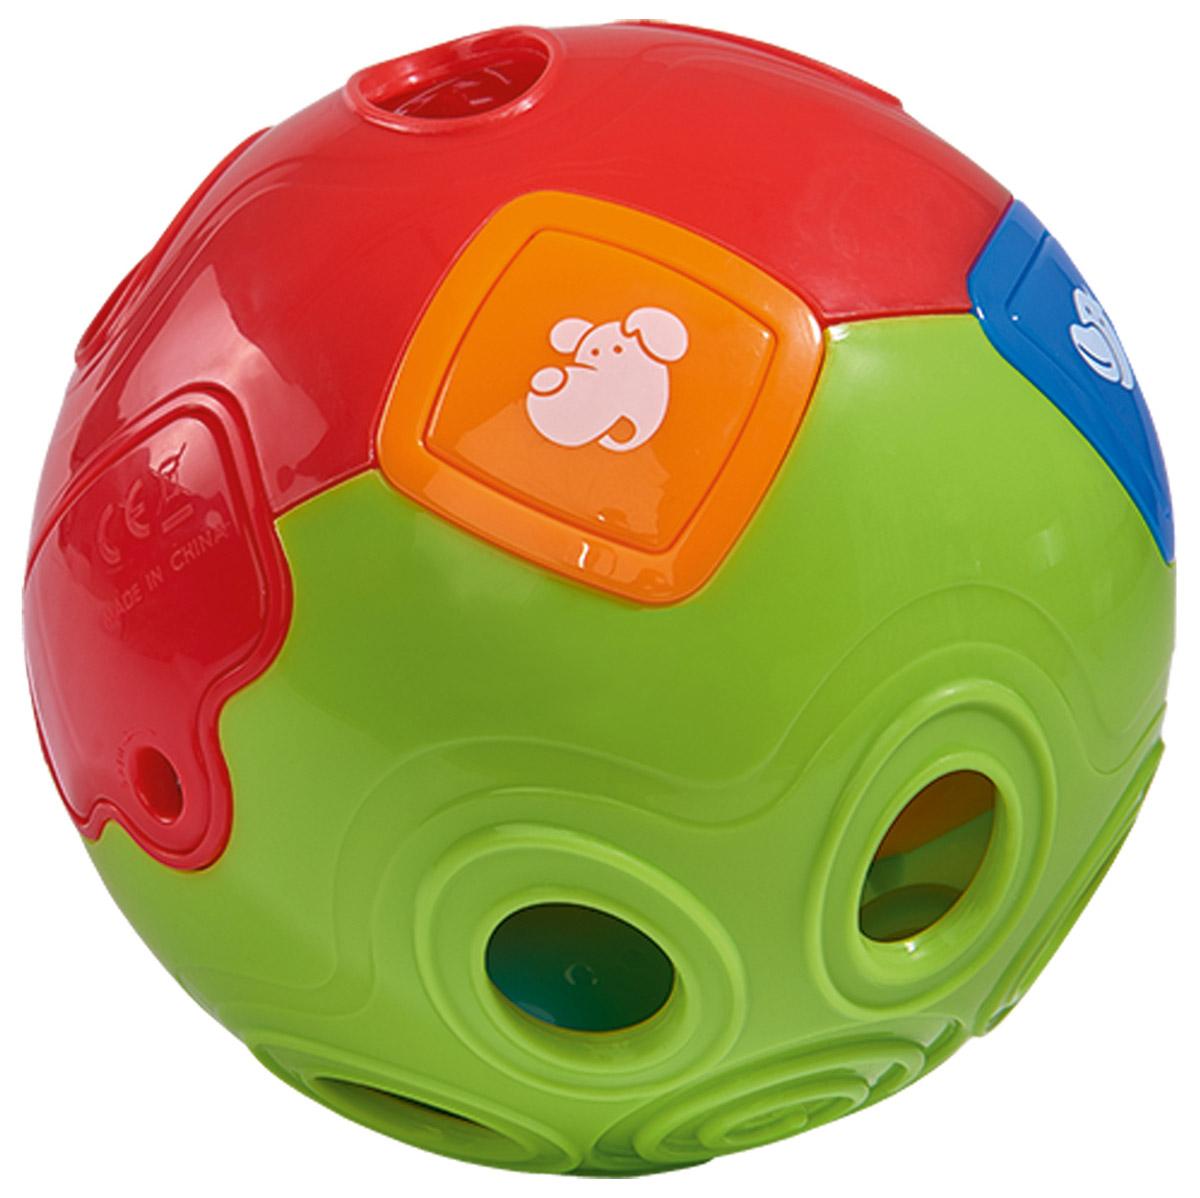 Simba Развивающая игрушка Шар цвет красный желтый зеленый